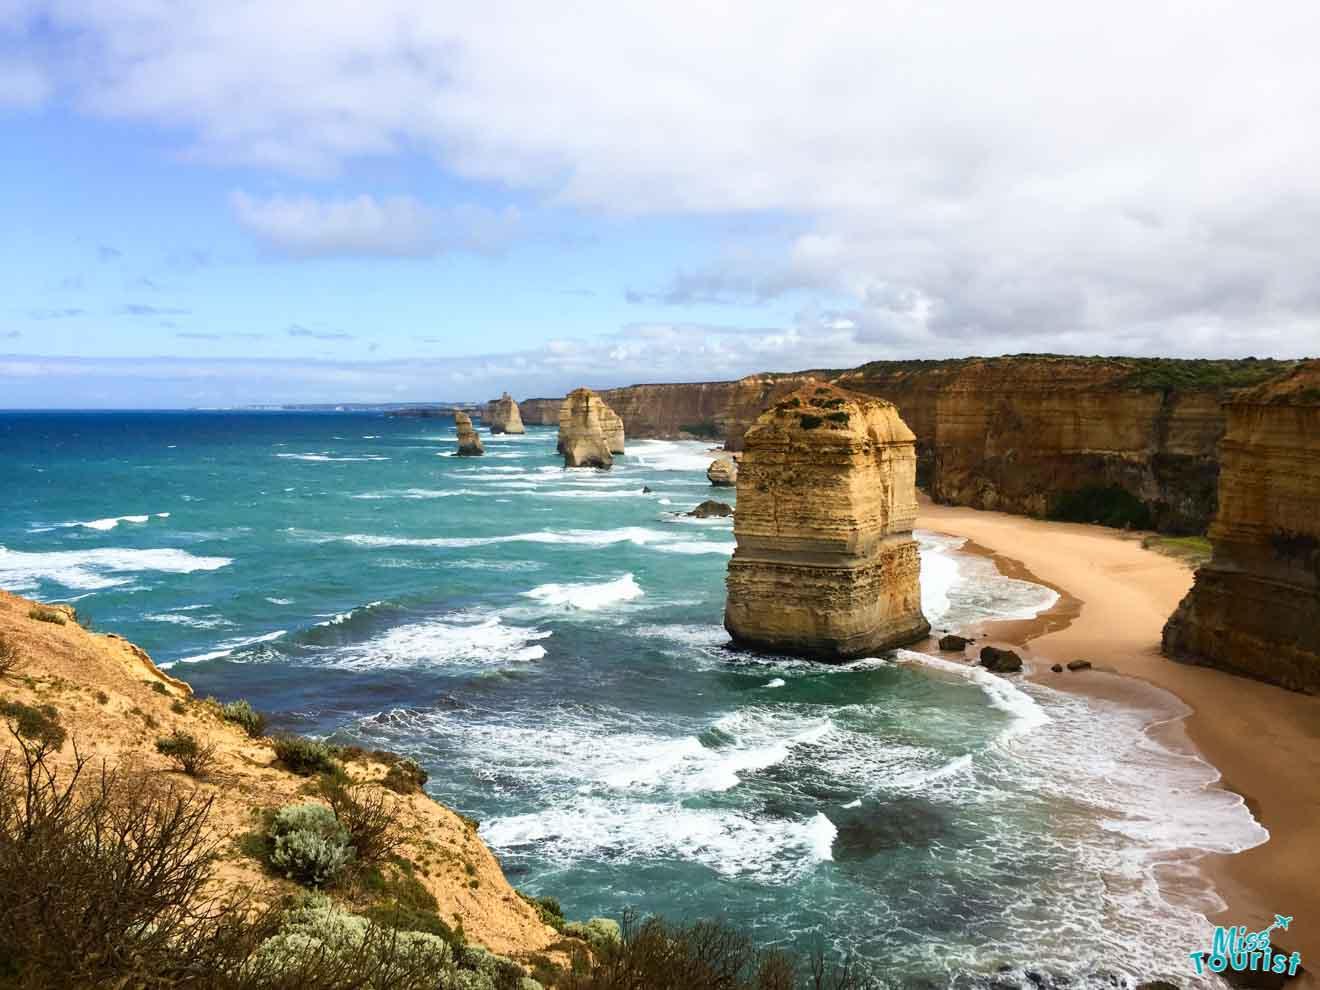 Paradas recomendadas para Great Ocean Road - Ruta de los Doce Apóstoles Great Ocean Road